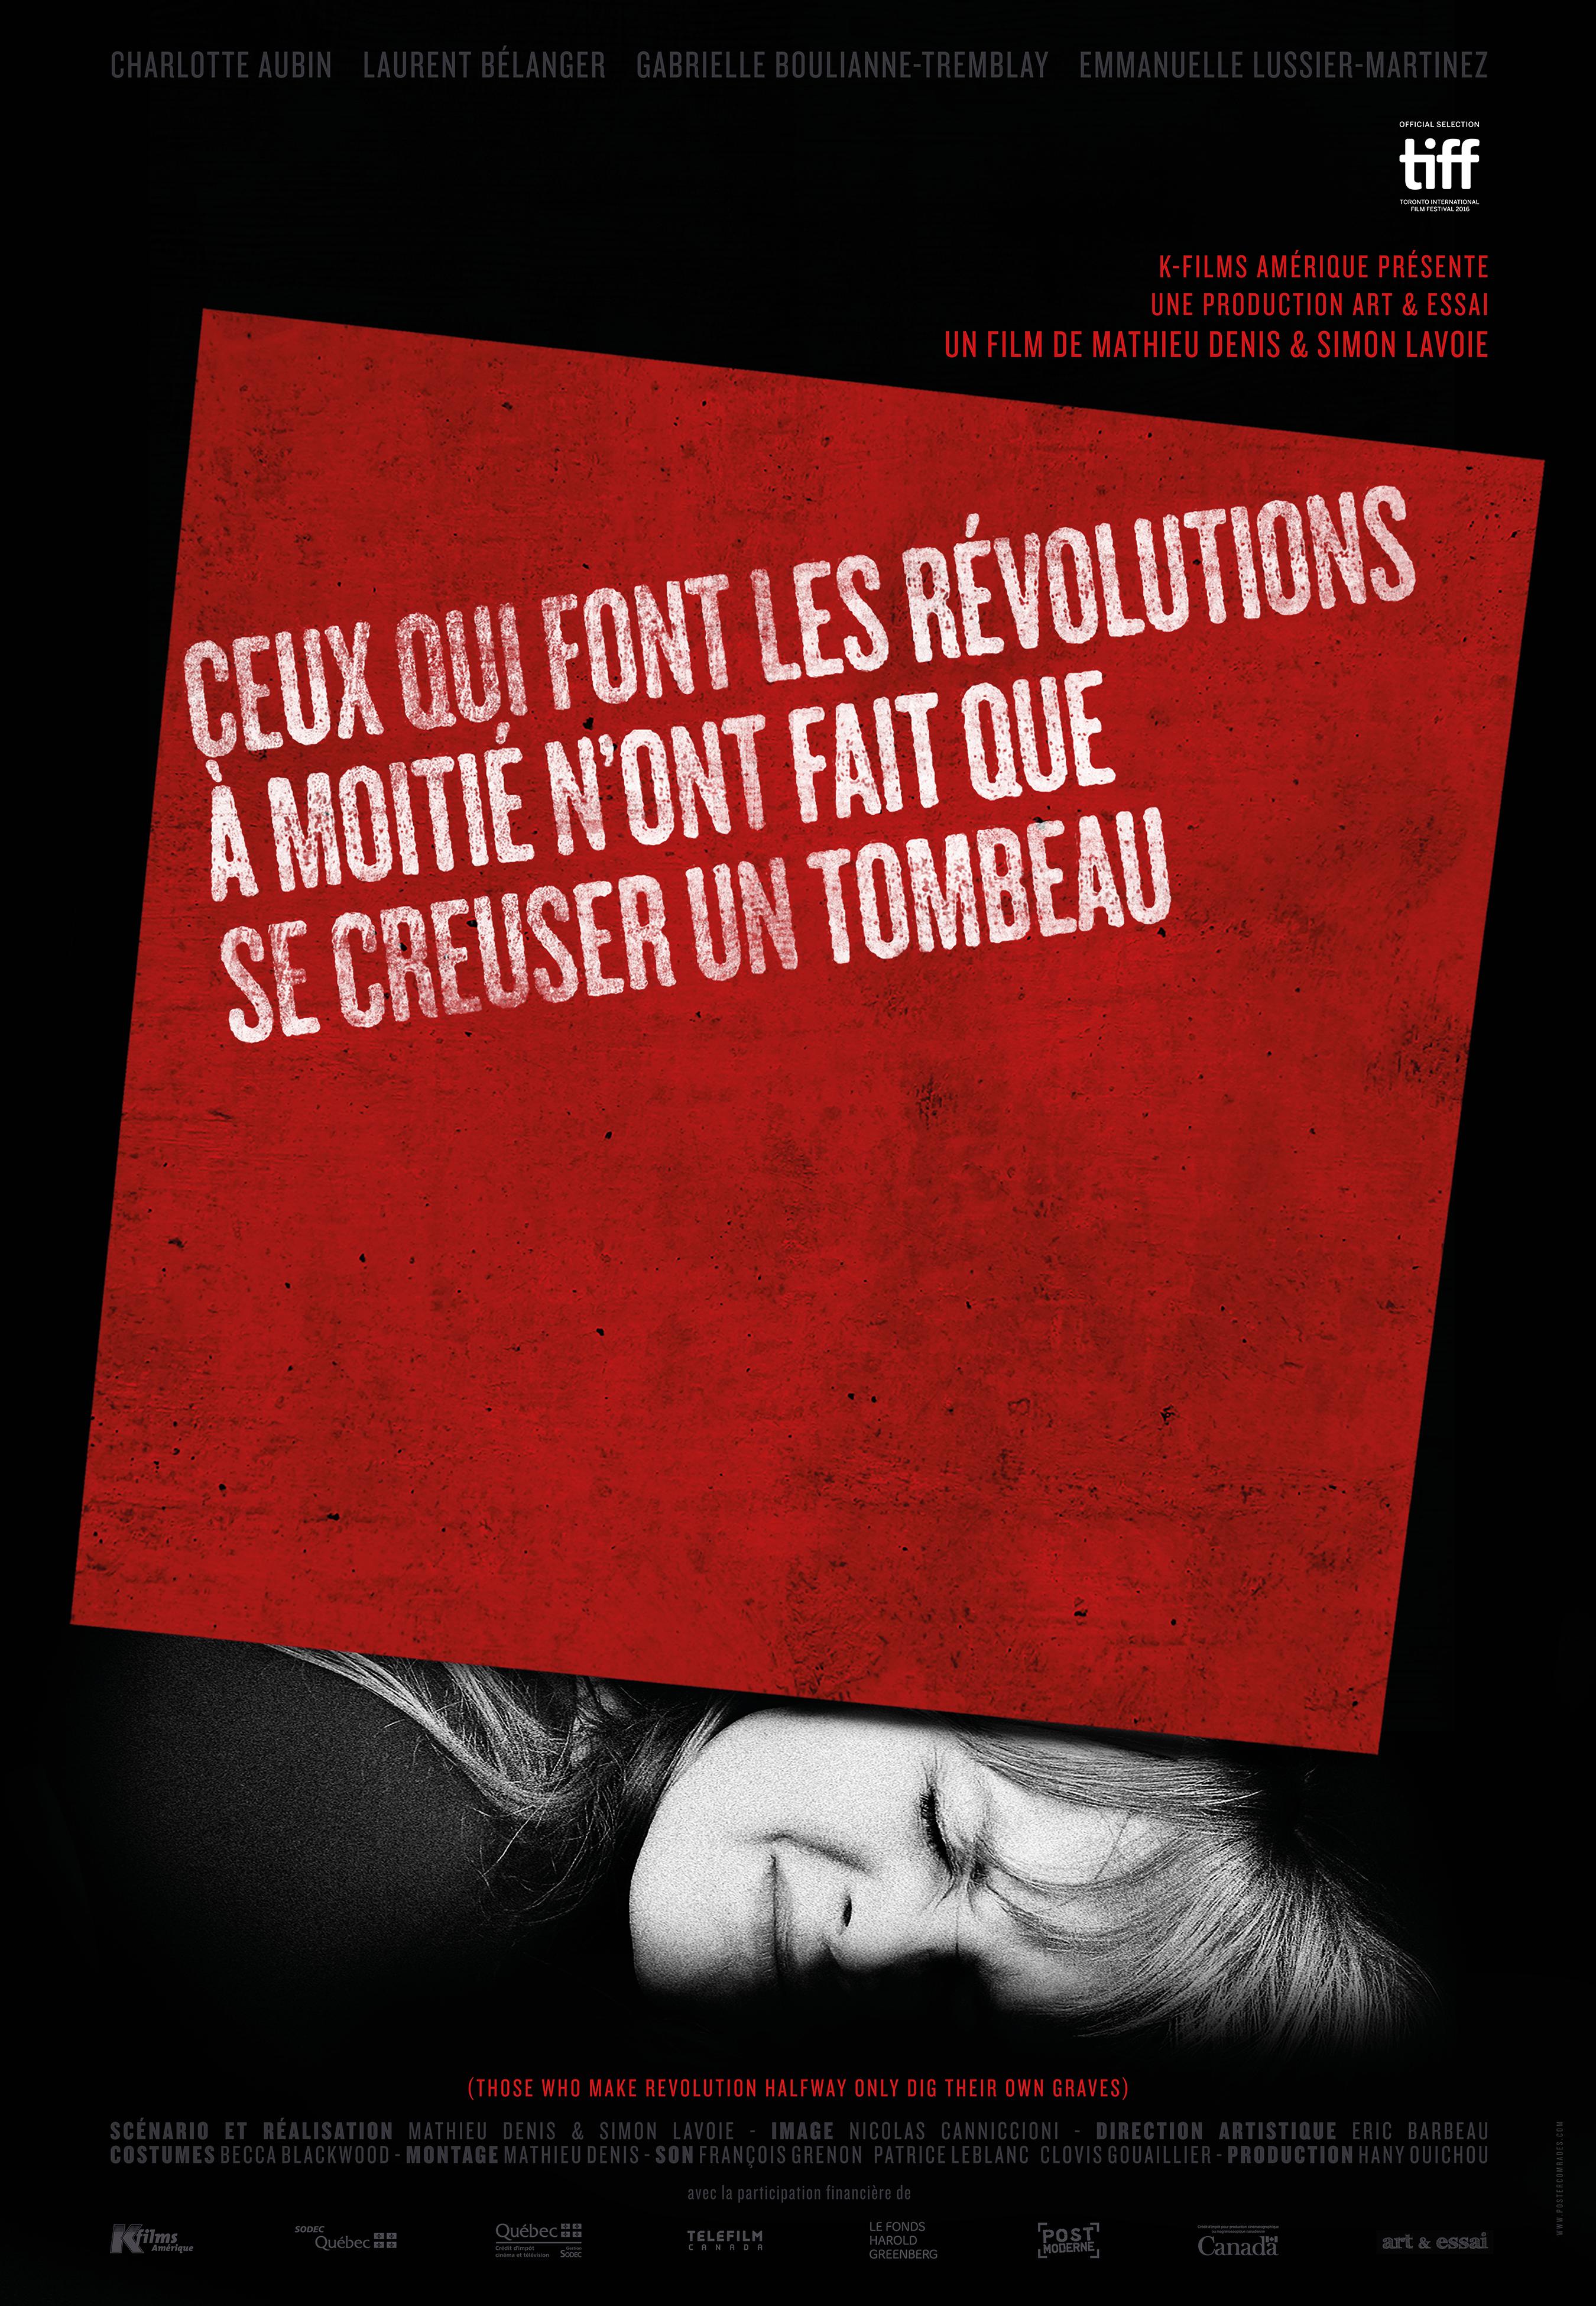 Affiche de Ceux qui font les révolutions à moitié n'ont fait que se creuser un tombeau